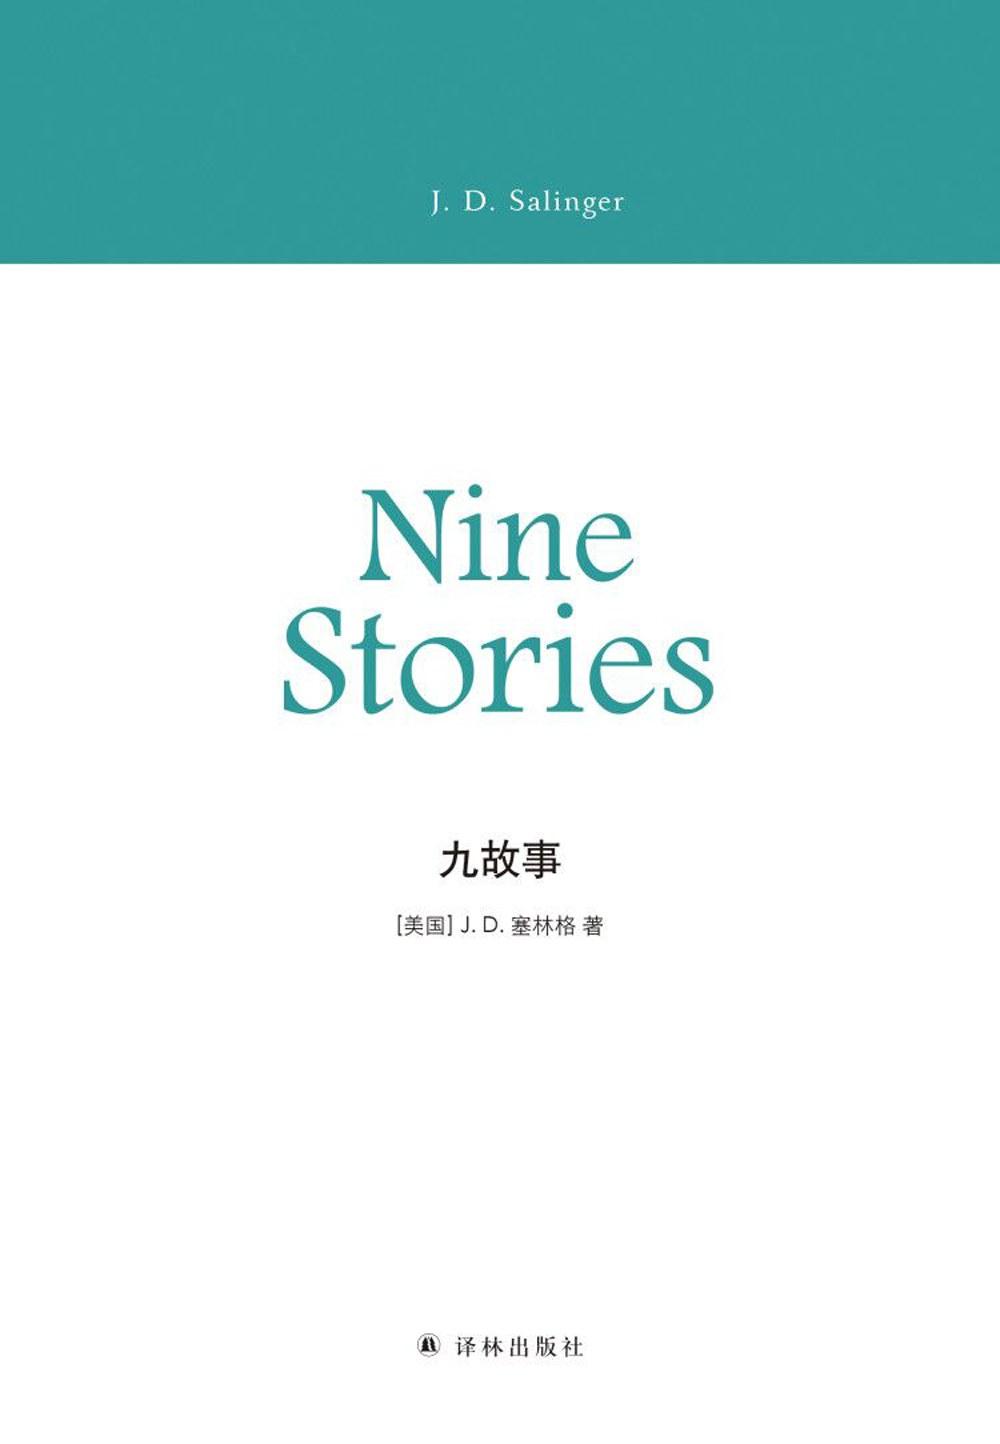 九故事-好书天下